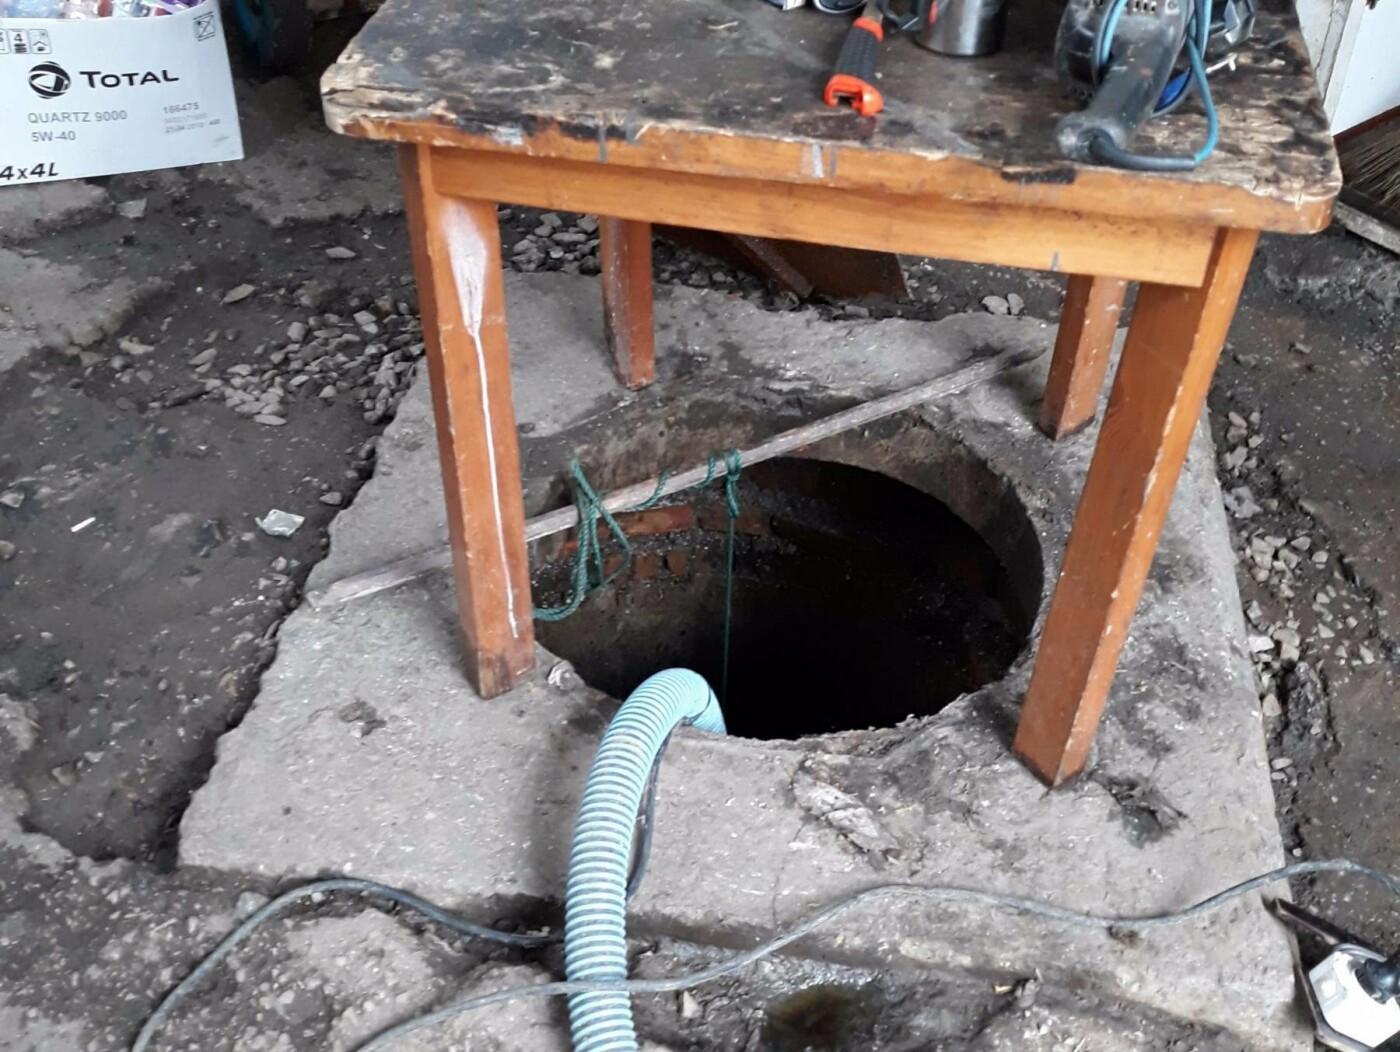 В Ялте незаконно сливали канализационные воды в городскую реку и черное море , фото-1